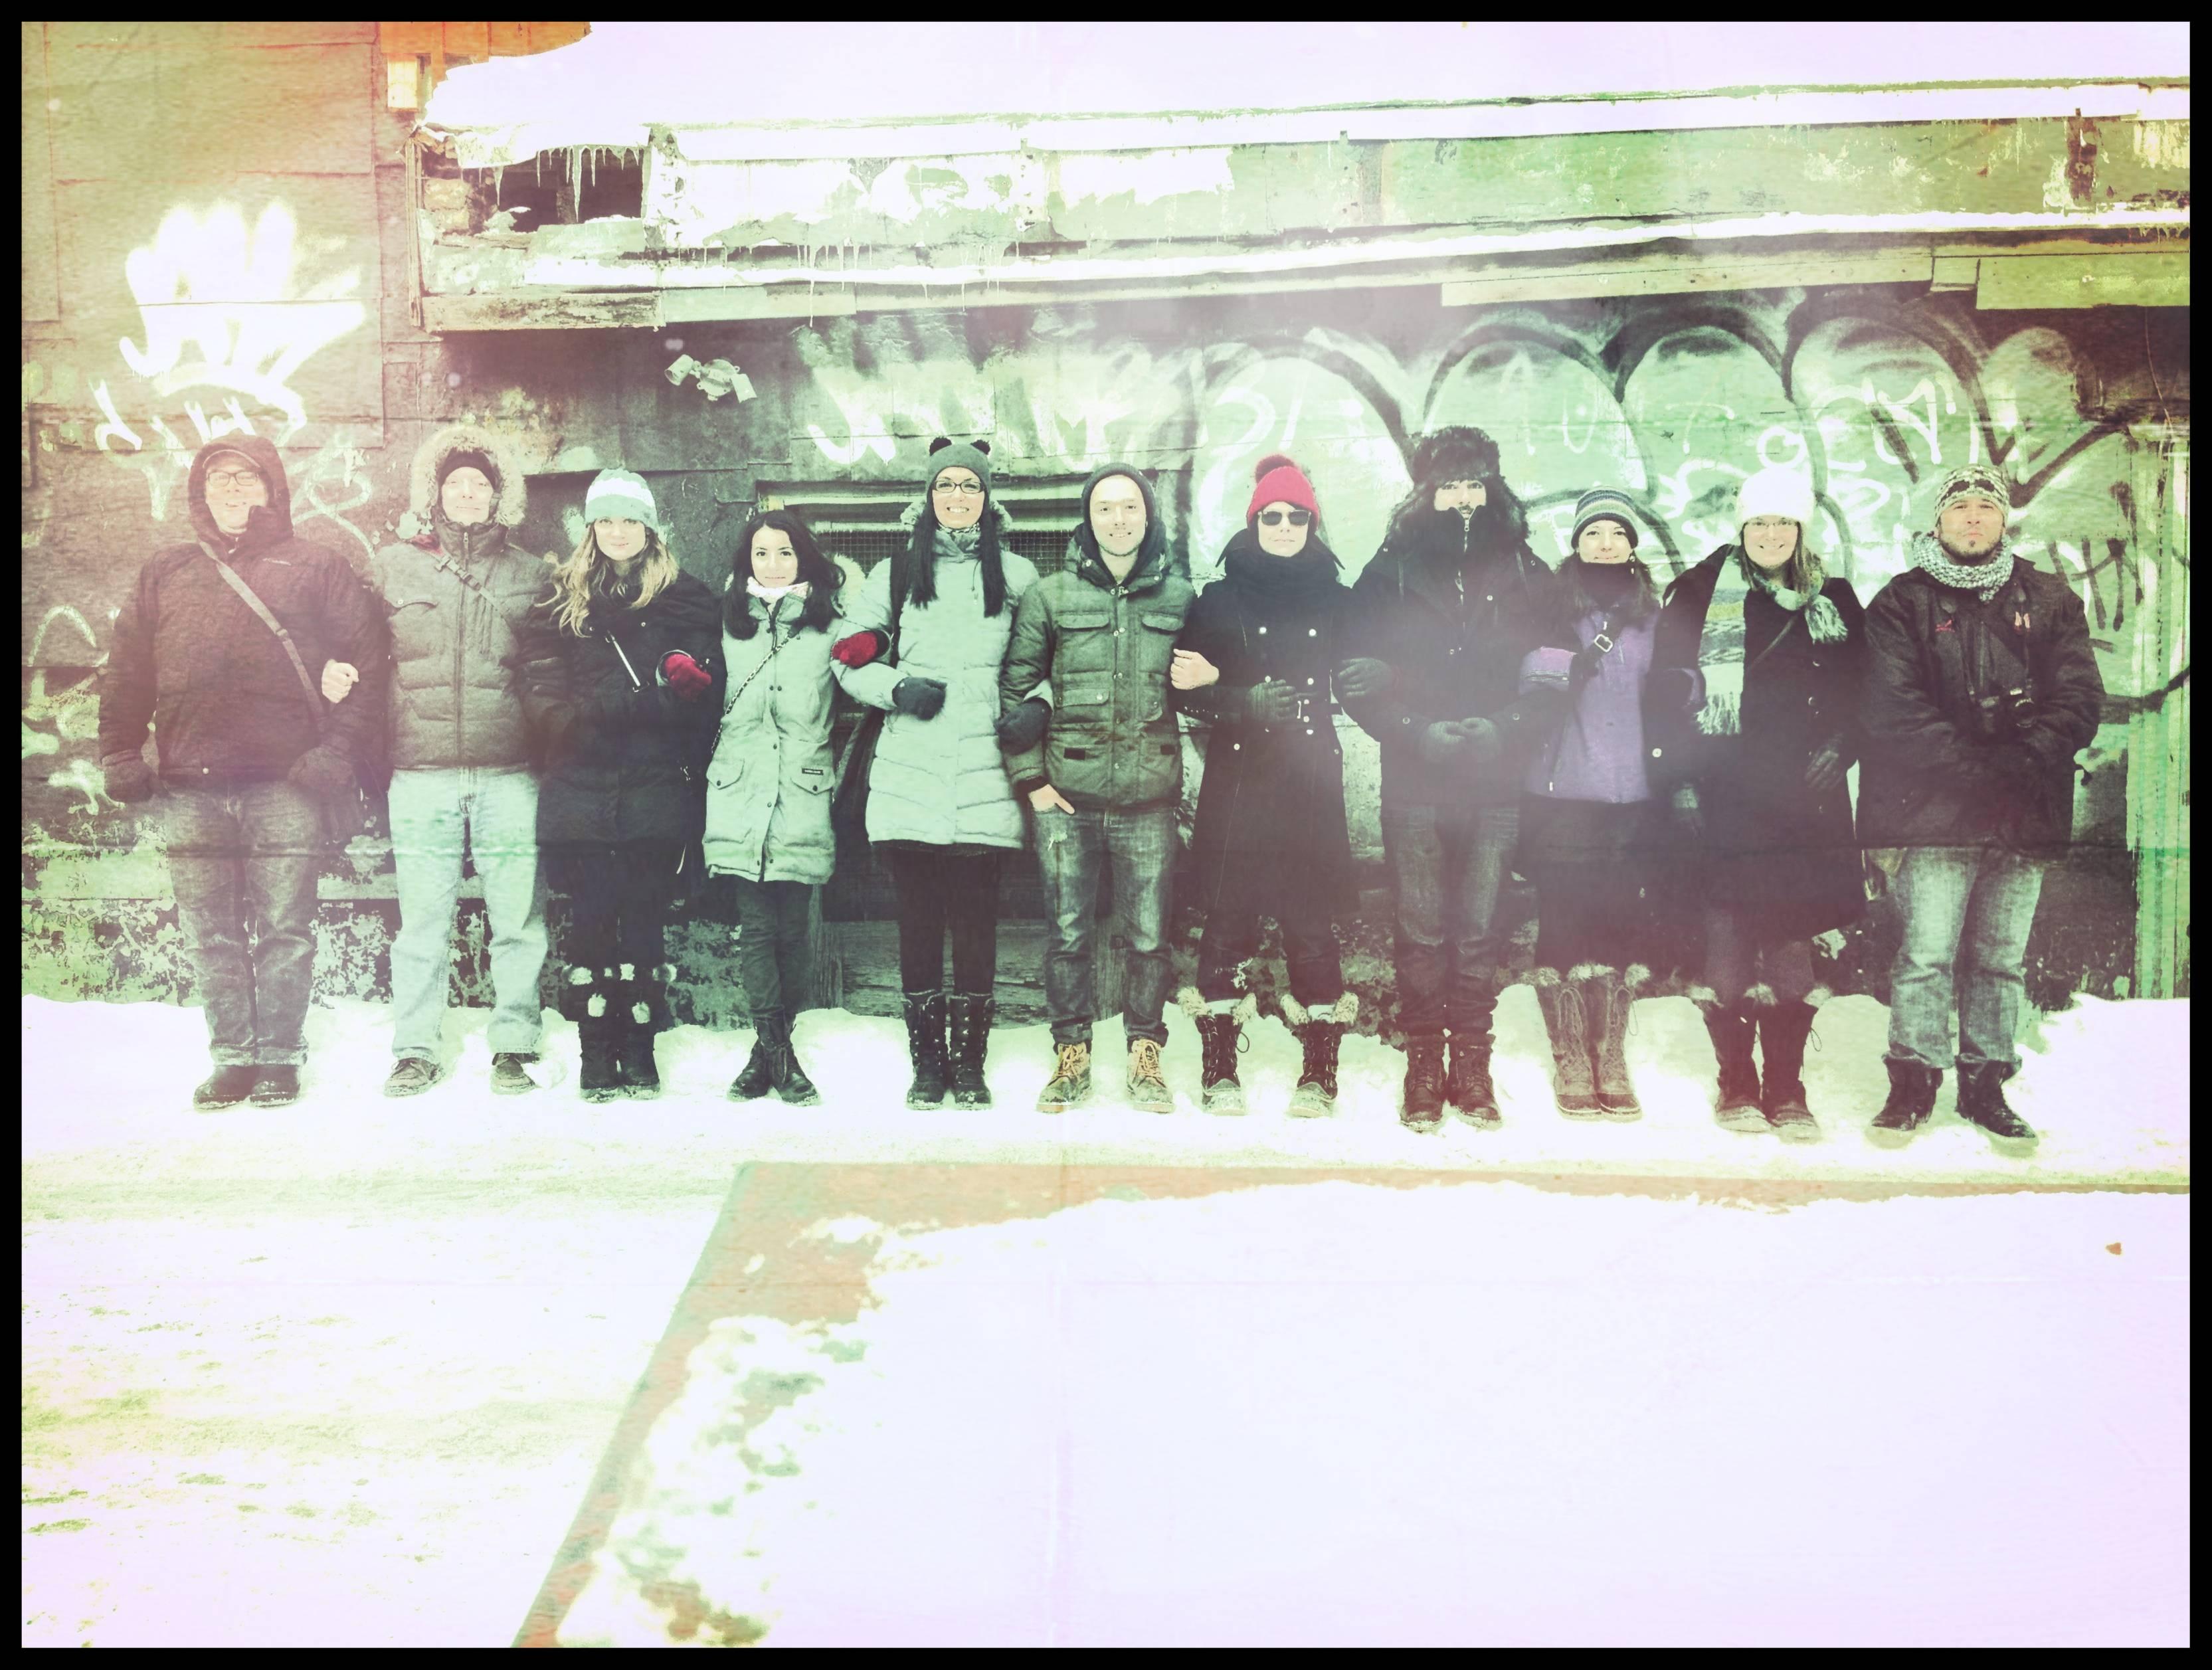 Instagramers Montreal photowalk recap